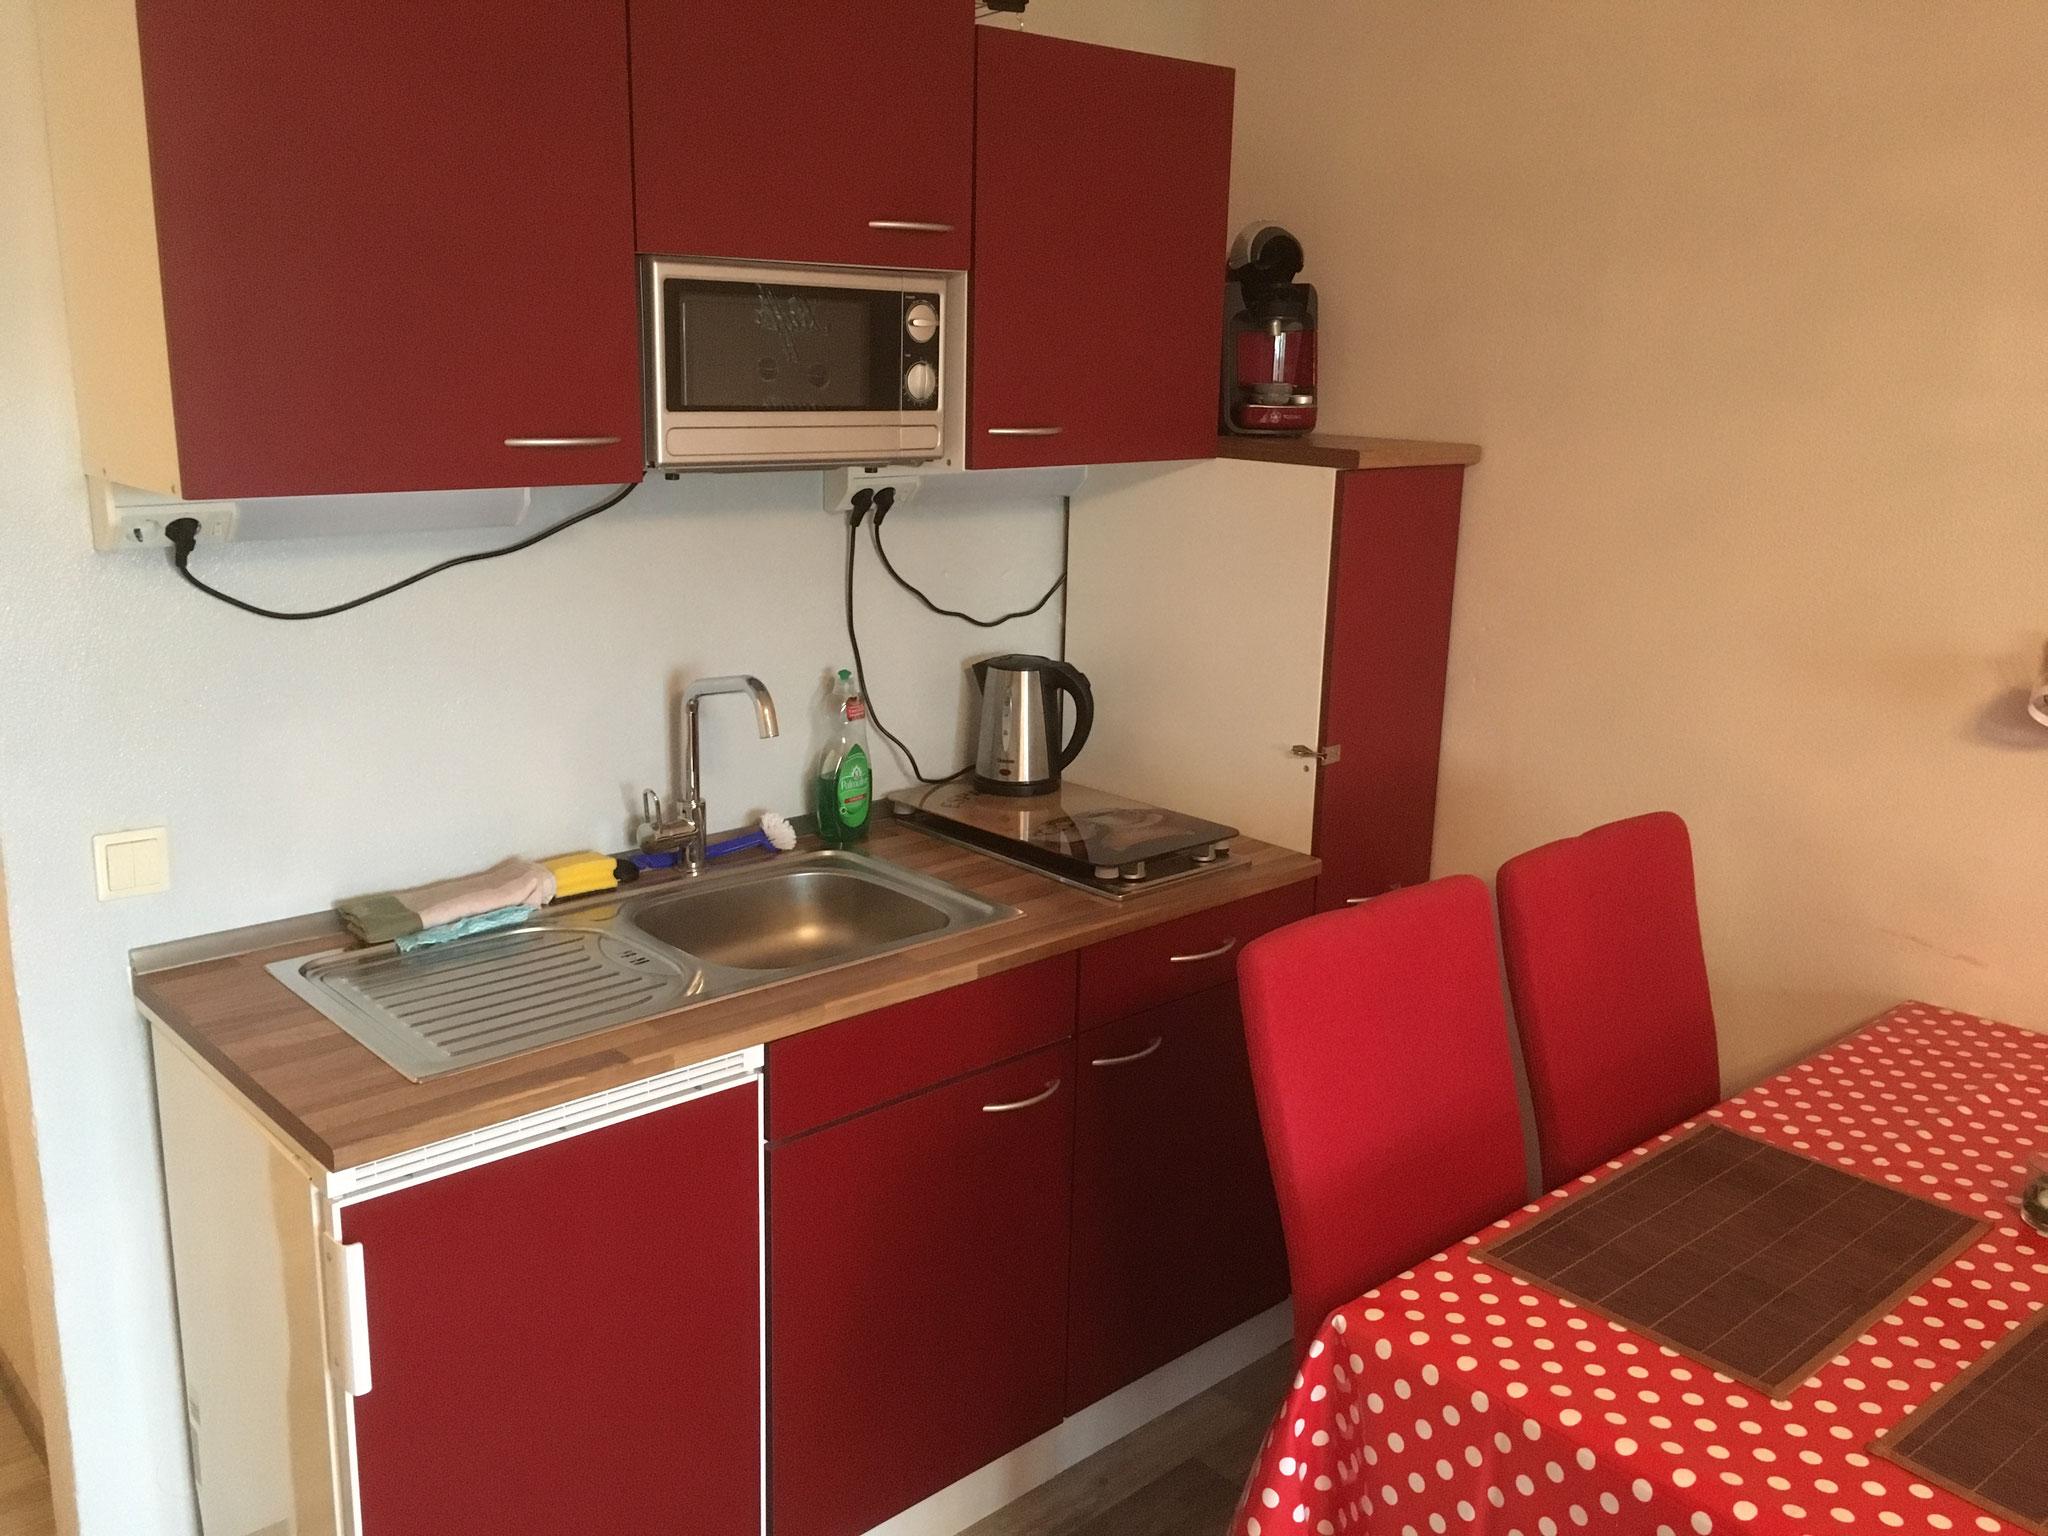 Schlafraum mit Küche und Sitzecke